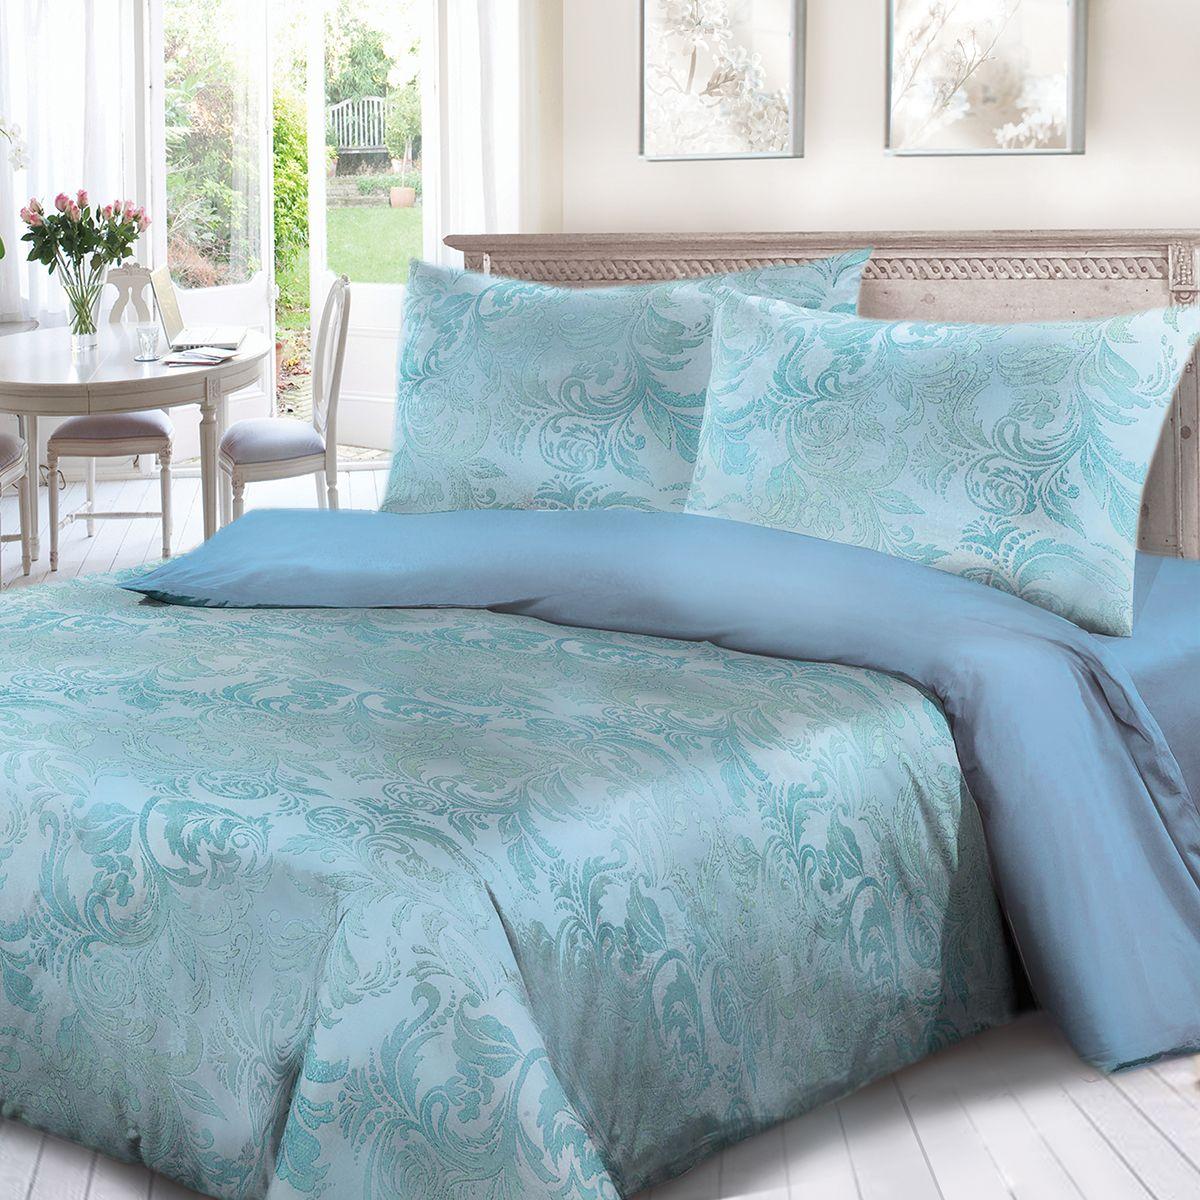 Комплект белья Сорренто Мажор, евро, наволочки 70x70, цвет: голубой. 3963-580280